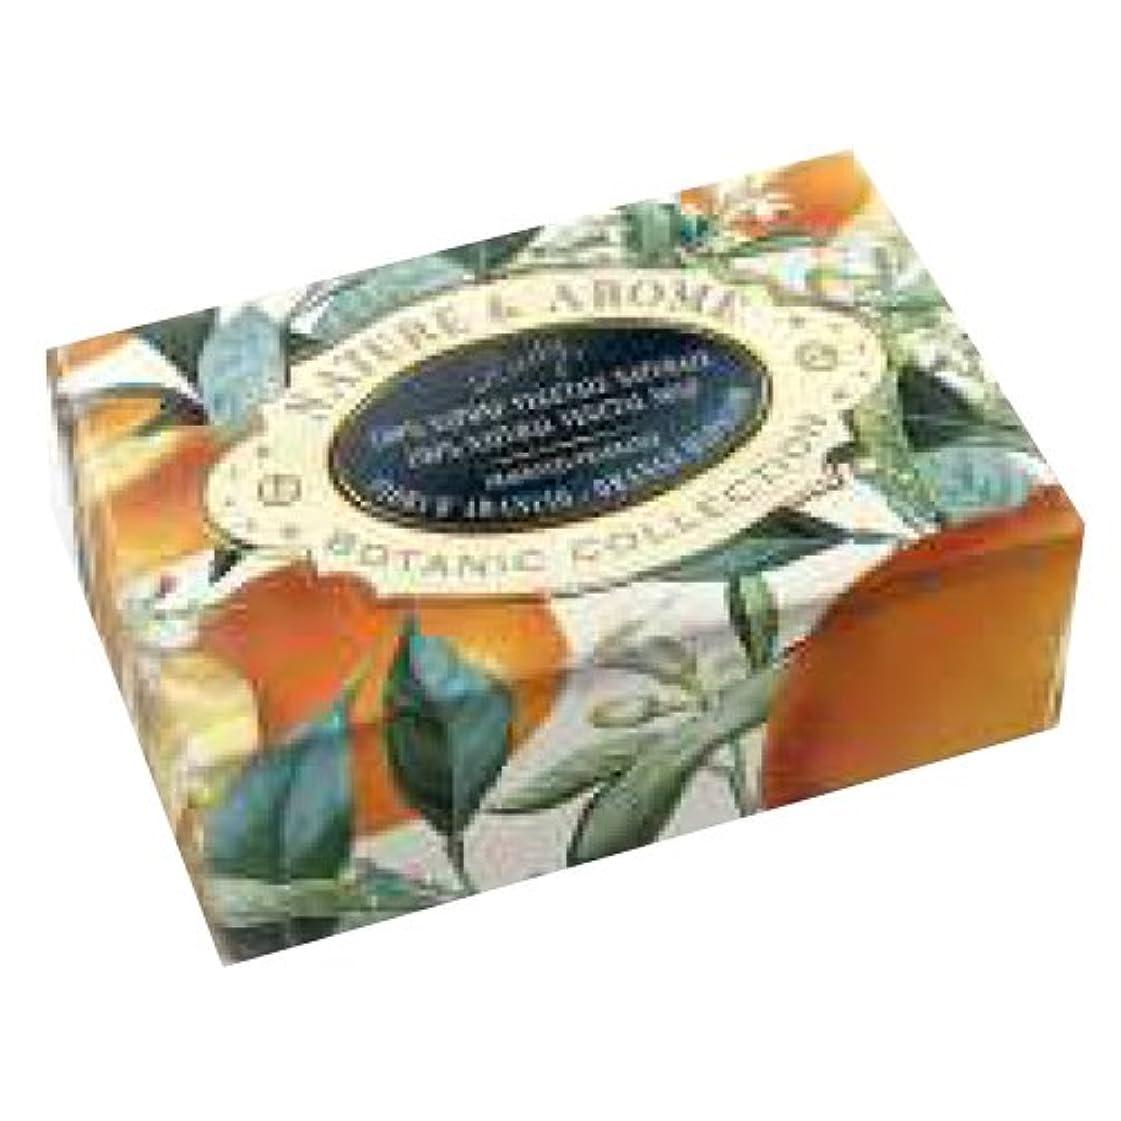 マットレス召集する注目すべきRUDY Nature&Arome SERIES ルディ ナチュール&アロマ Soap ソープ オレンジブロッサム